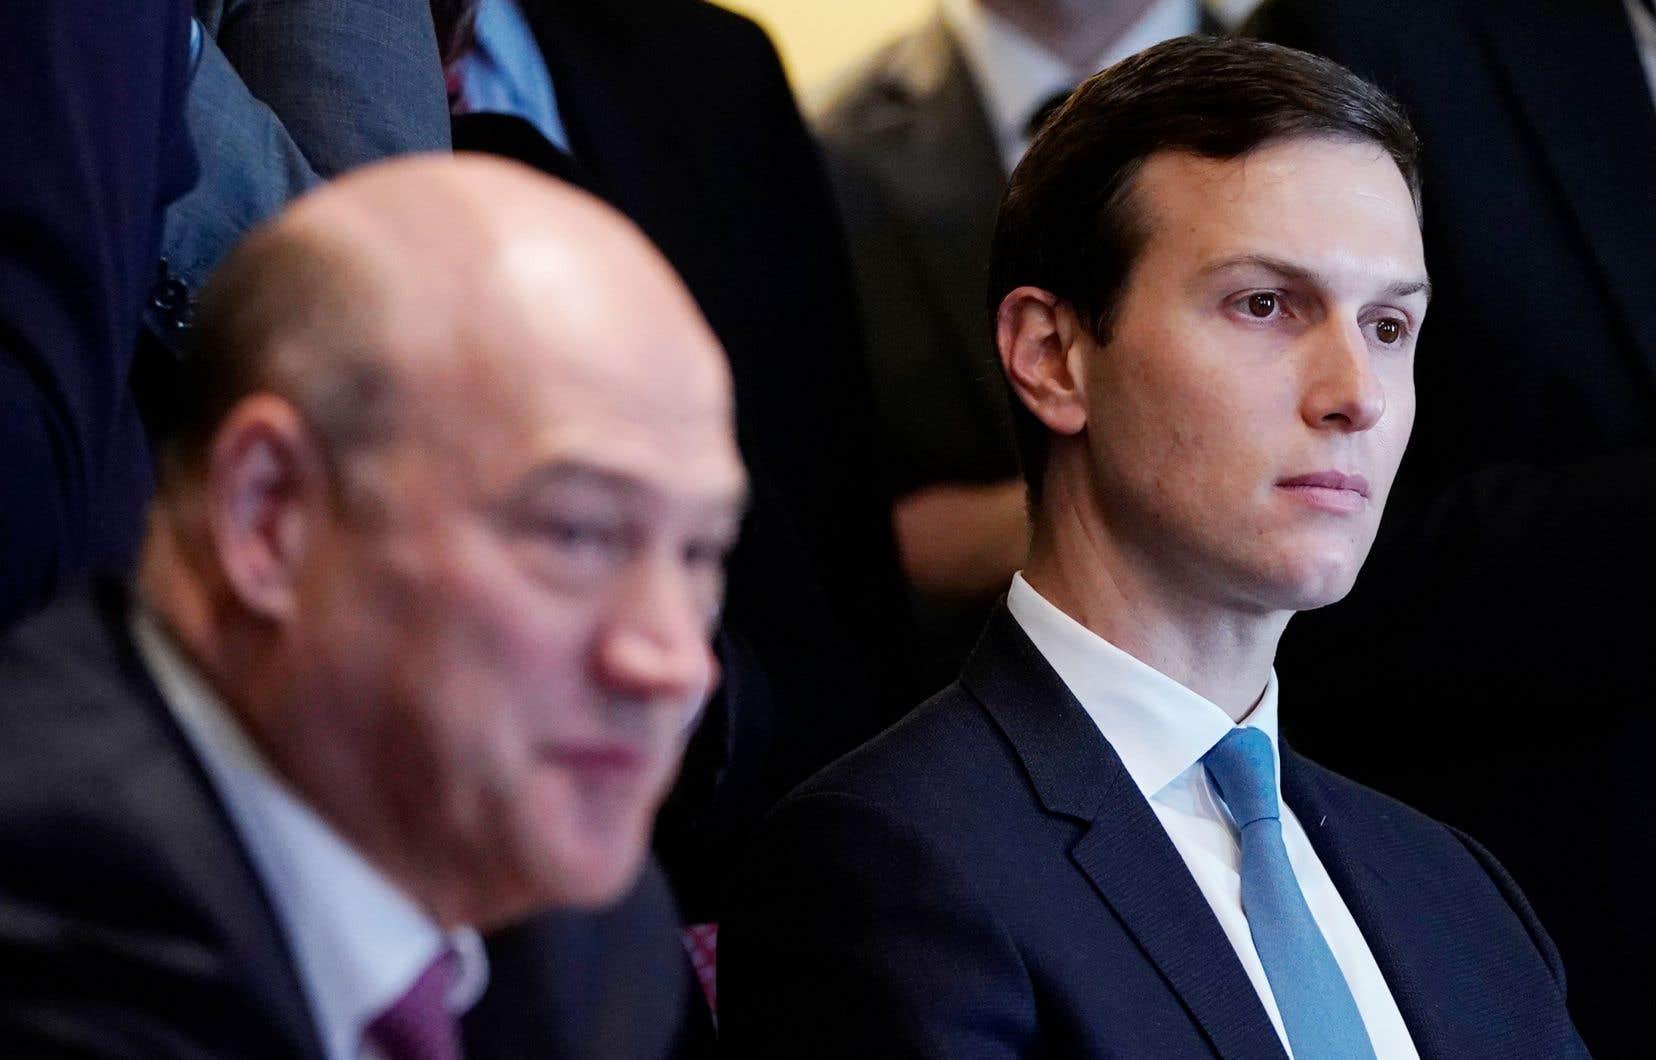 Le gendre du président américain, Jared Kushner, est notamment chargé de trouver une issue au processus de paix israélo-palestinien.